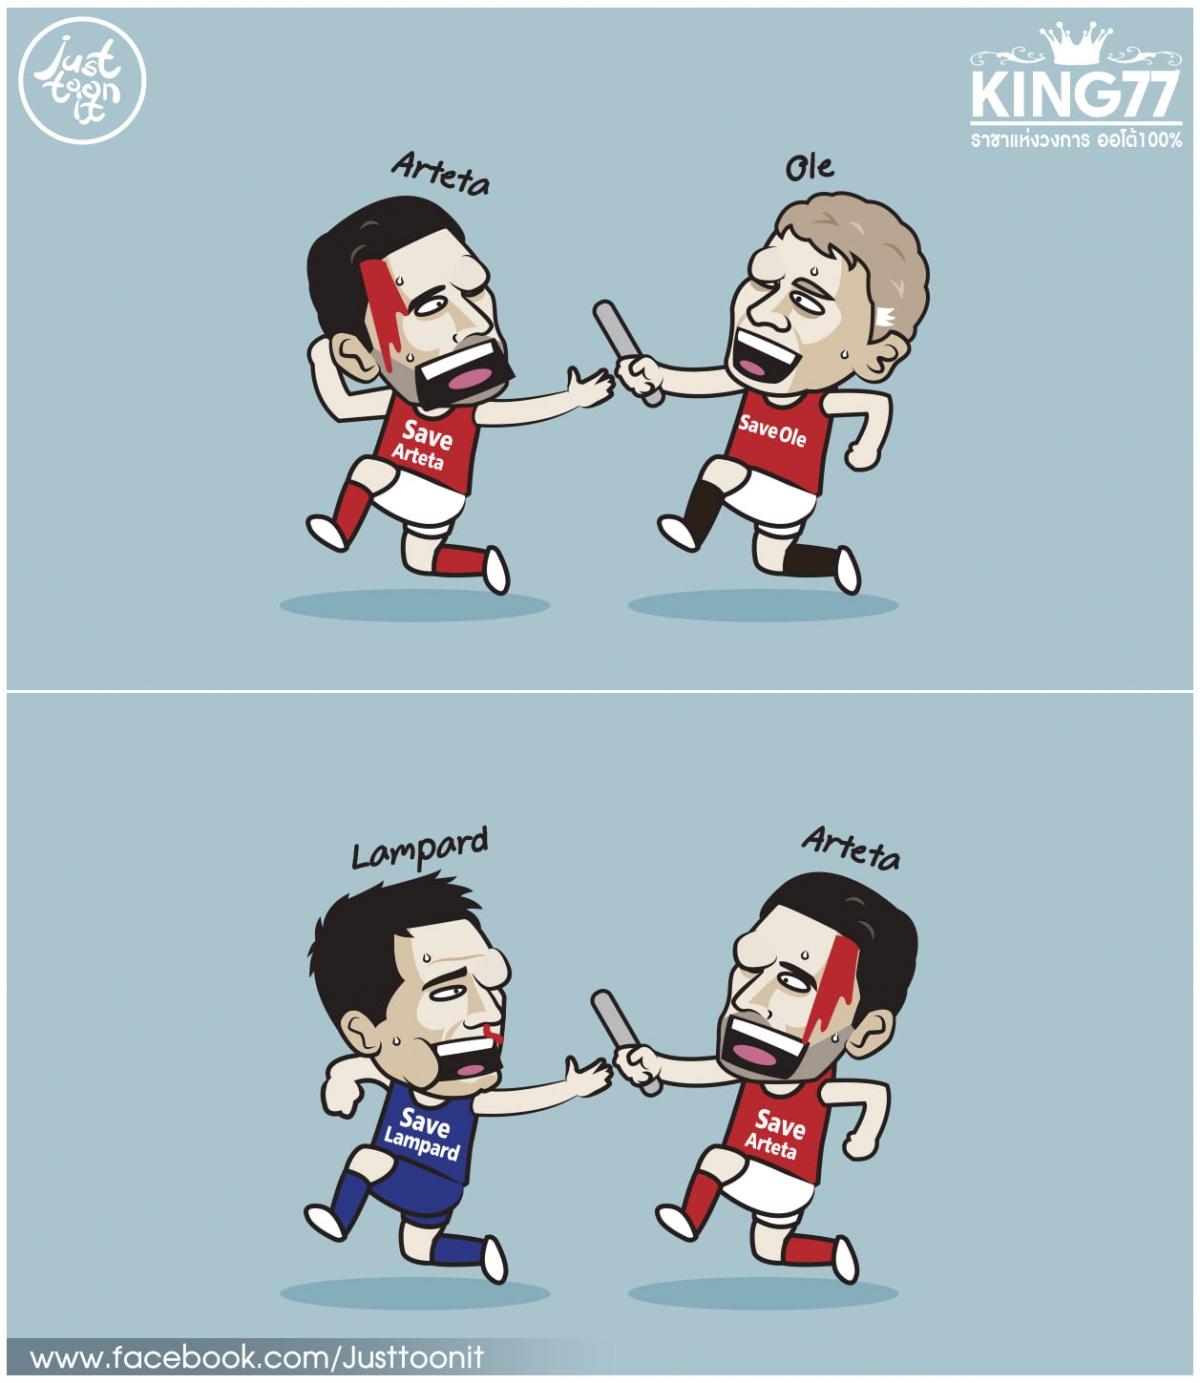 """Đã đến lúc Premier League mở chiến dịch giải cứu Frank Lampard, bảo vệ """"kho điểm"""" Chelsea? (Ảnh: Just Toon It)"""